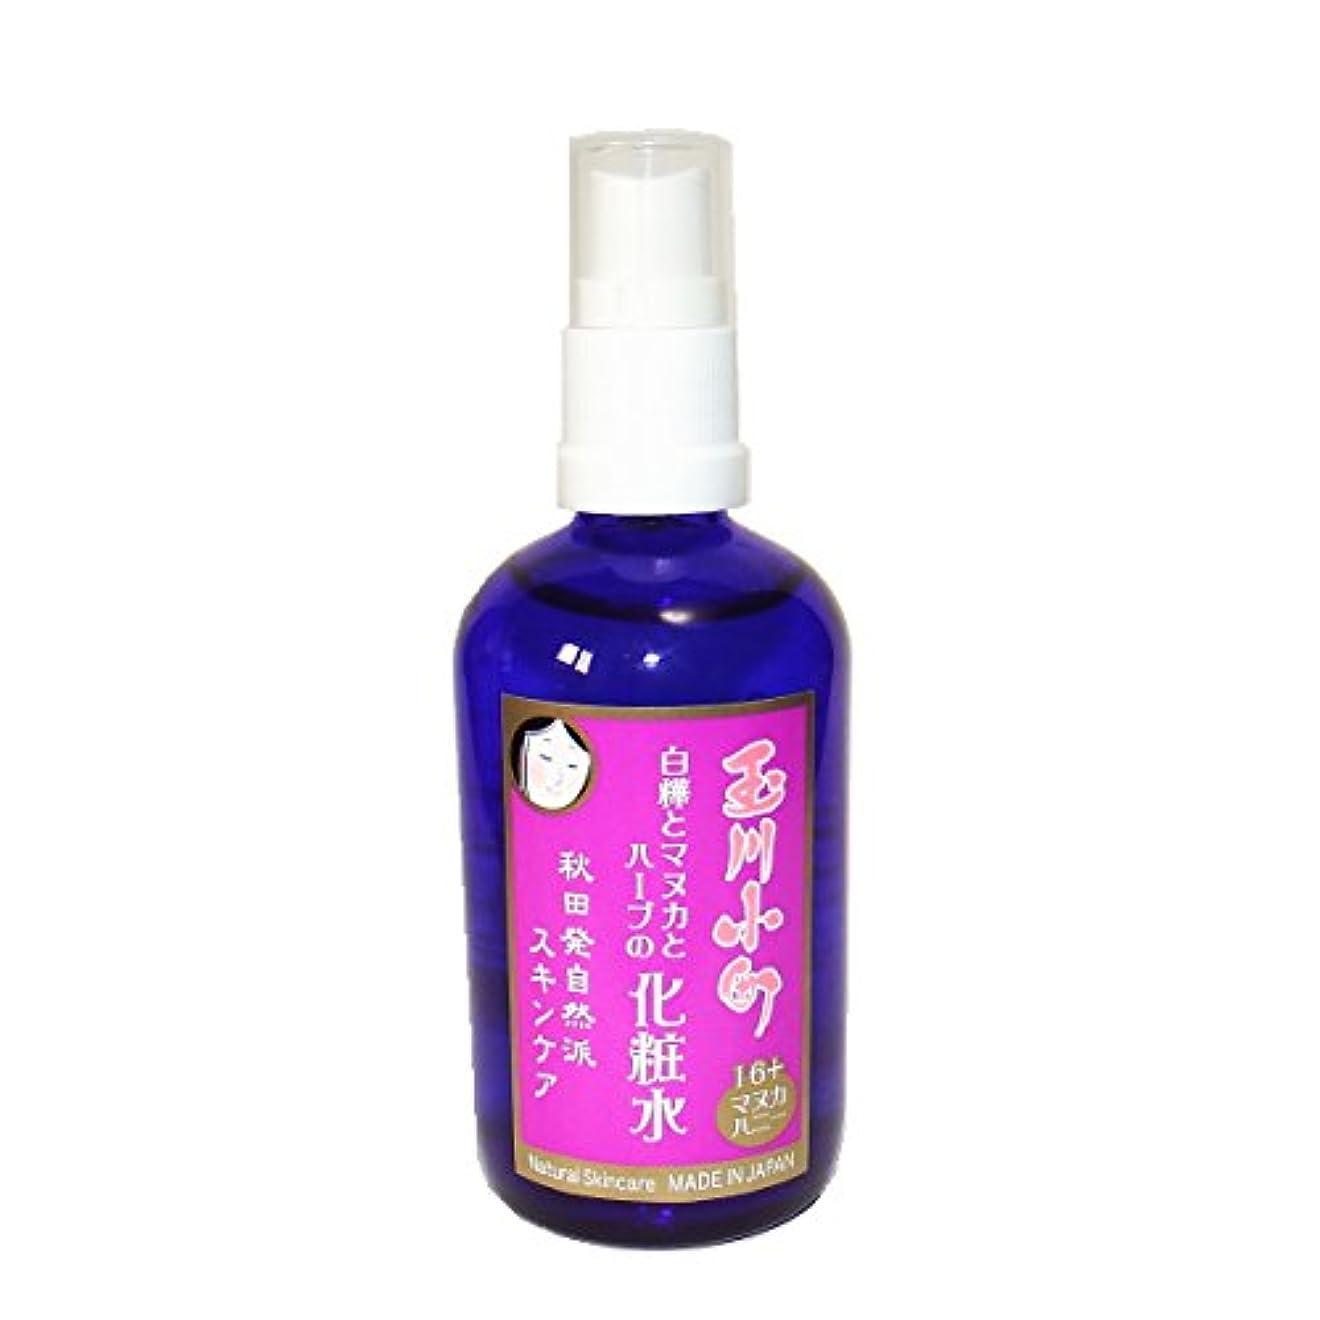 最近発表漂流玉川小町白樺とハーブの化粧水